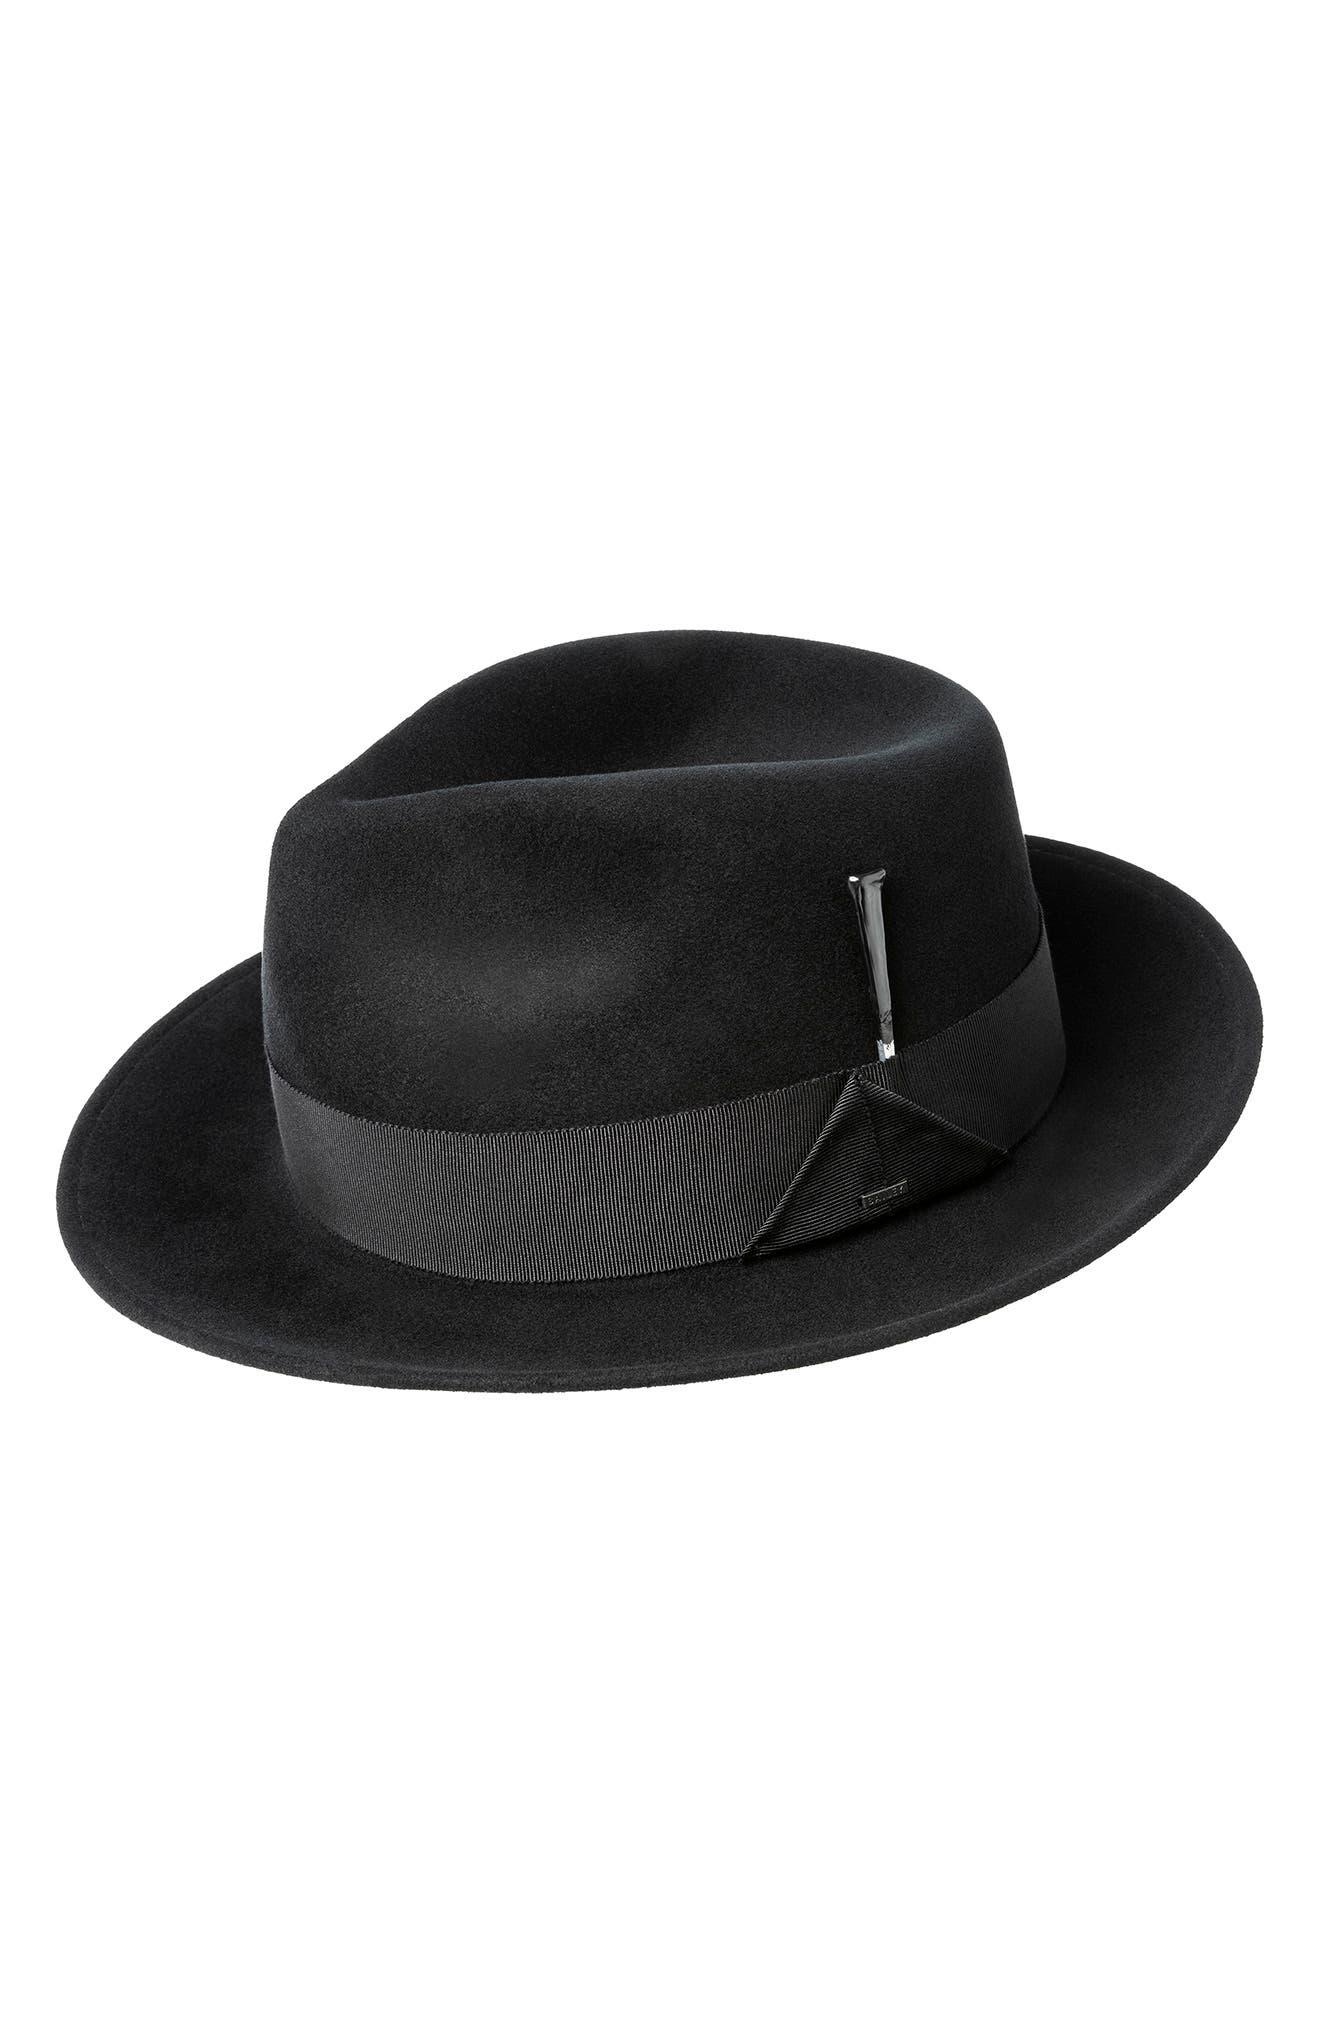 Elite Velour Wool Felt Hat